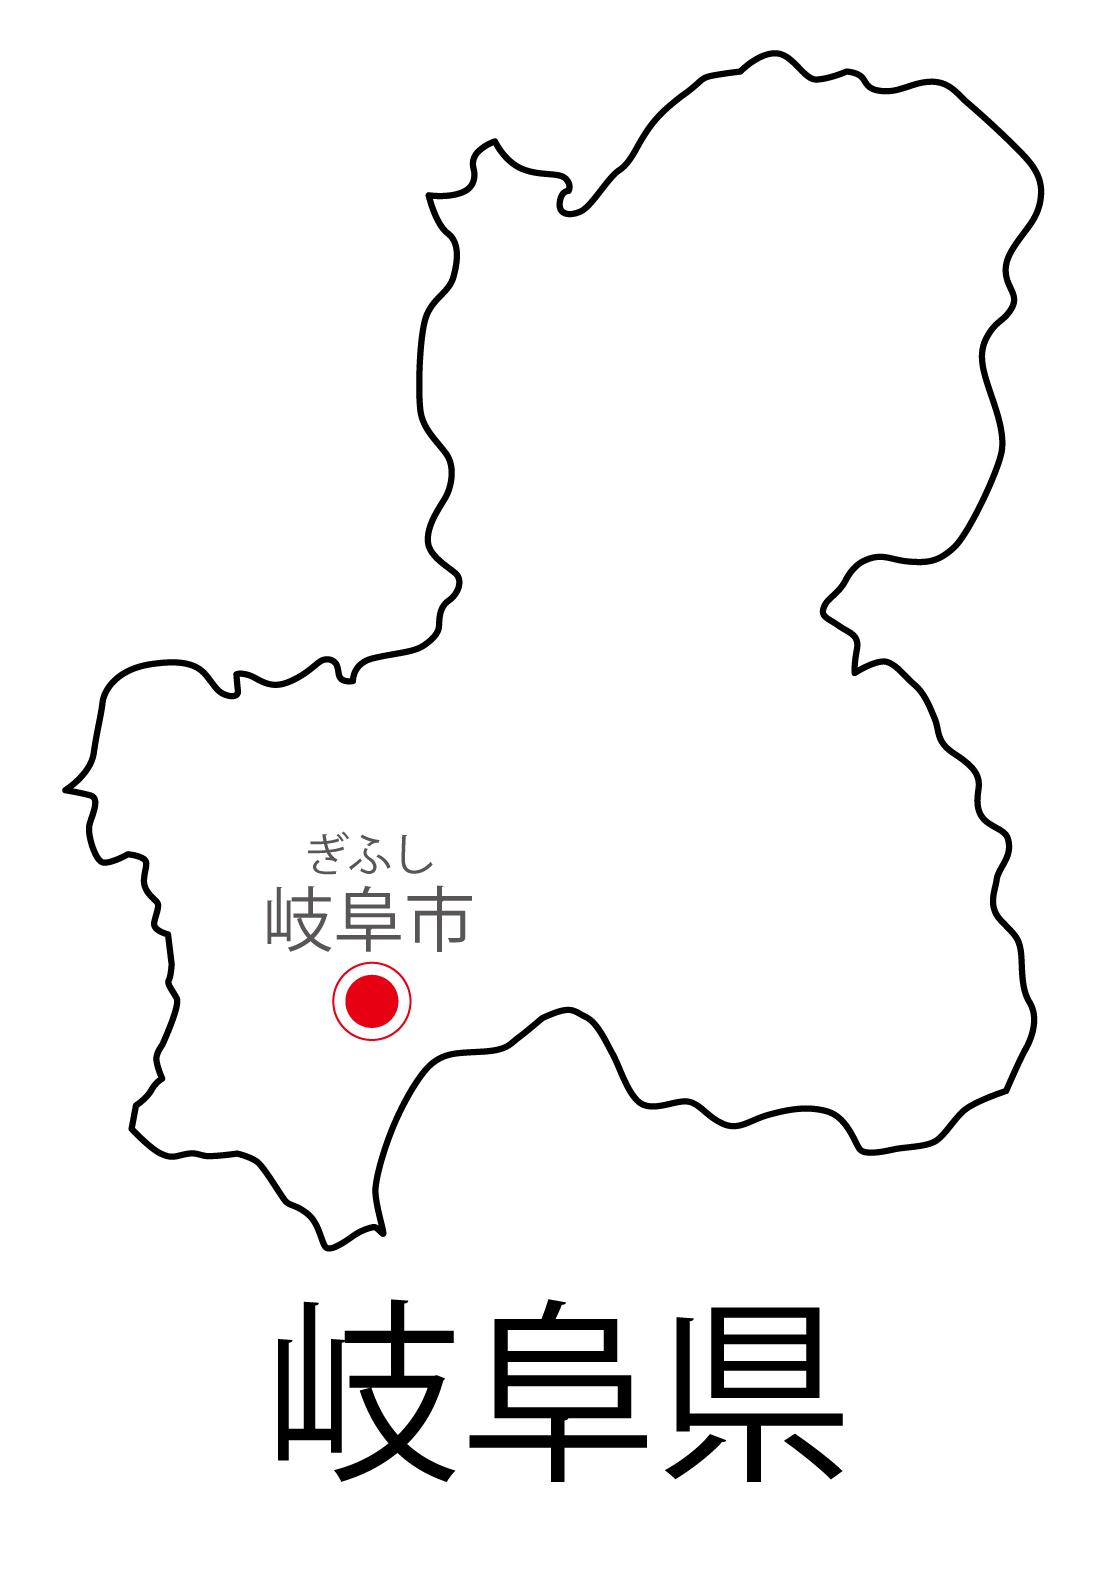 岐阜県無料フリーイラスト|日本語・都道府県名あり・県庁所在地あり・ルビあり(白)